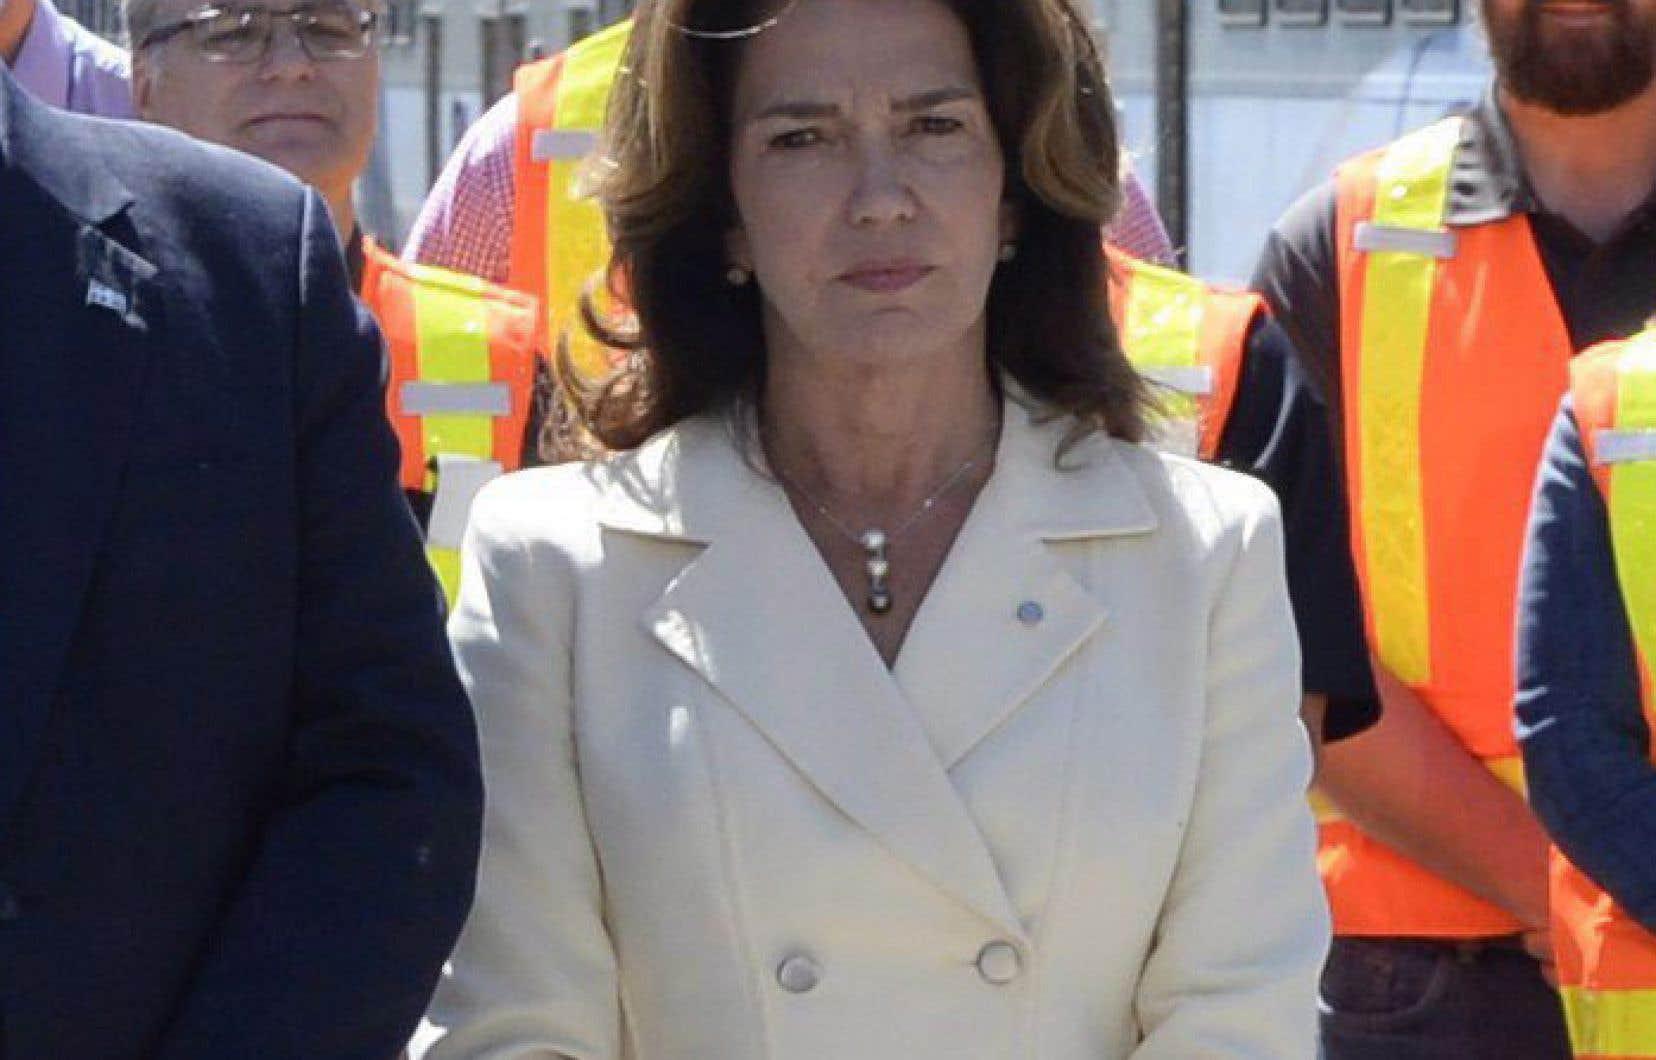 Économiste de formation, Mme Boisvert était depuis 2012 vice-présidente de la Caisse de dépôt et placement du Québec, d'abord responsable des affaires publiques avant de s'occuper du rayonnement des affaires.